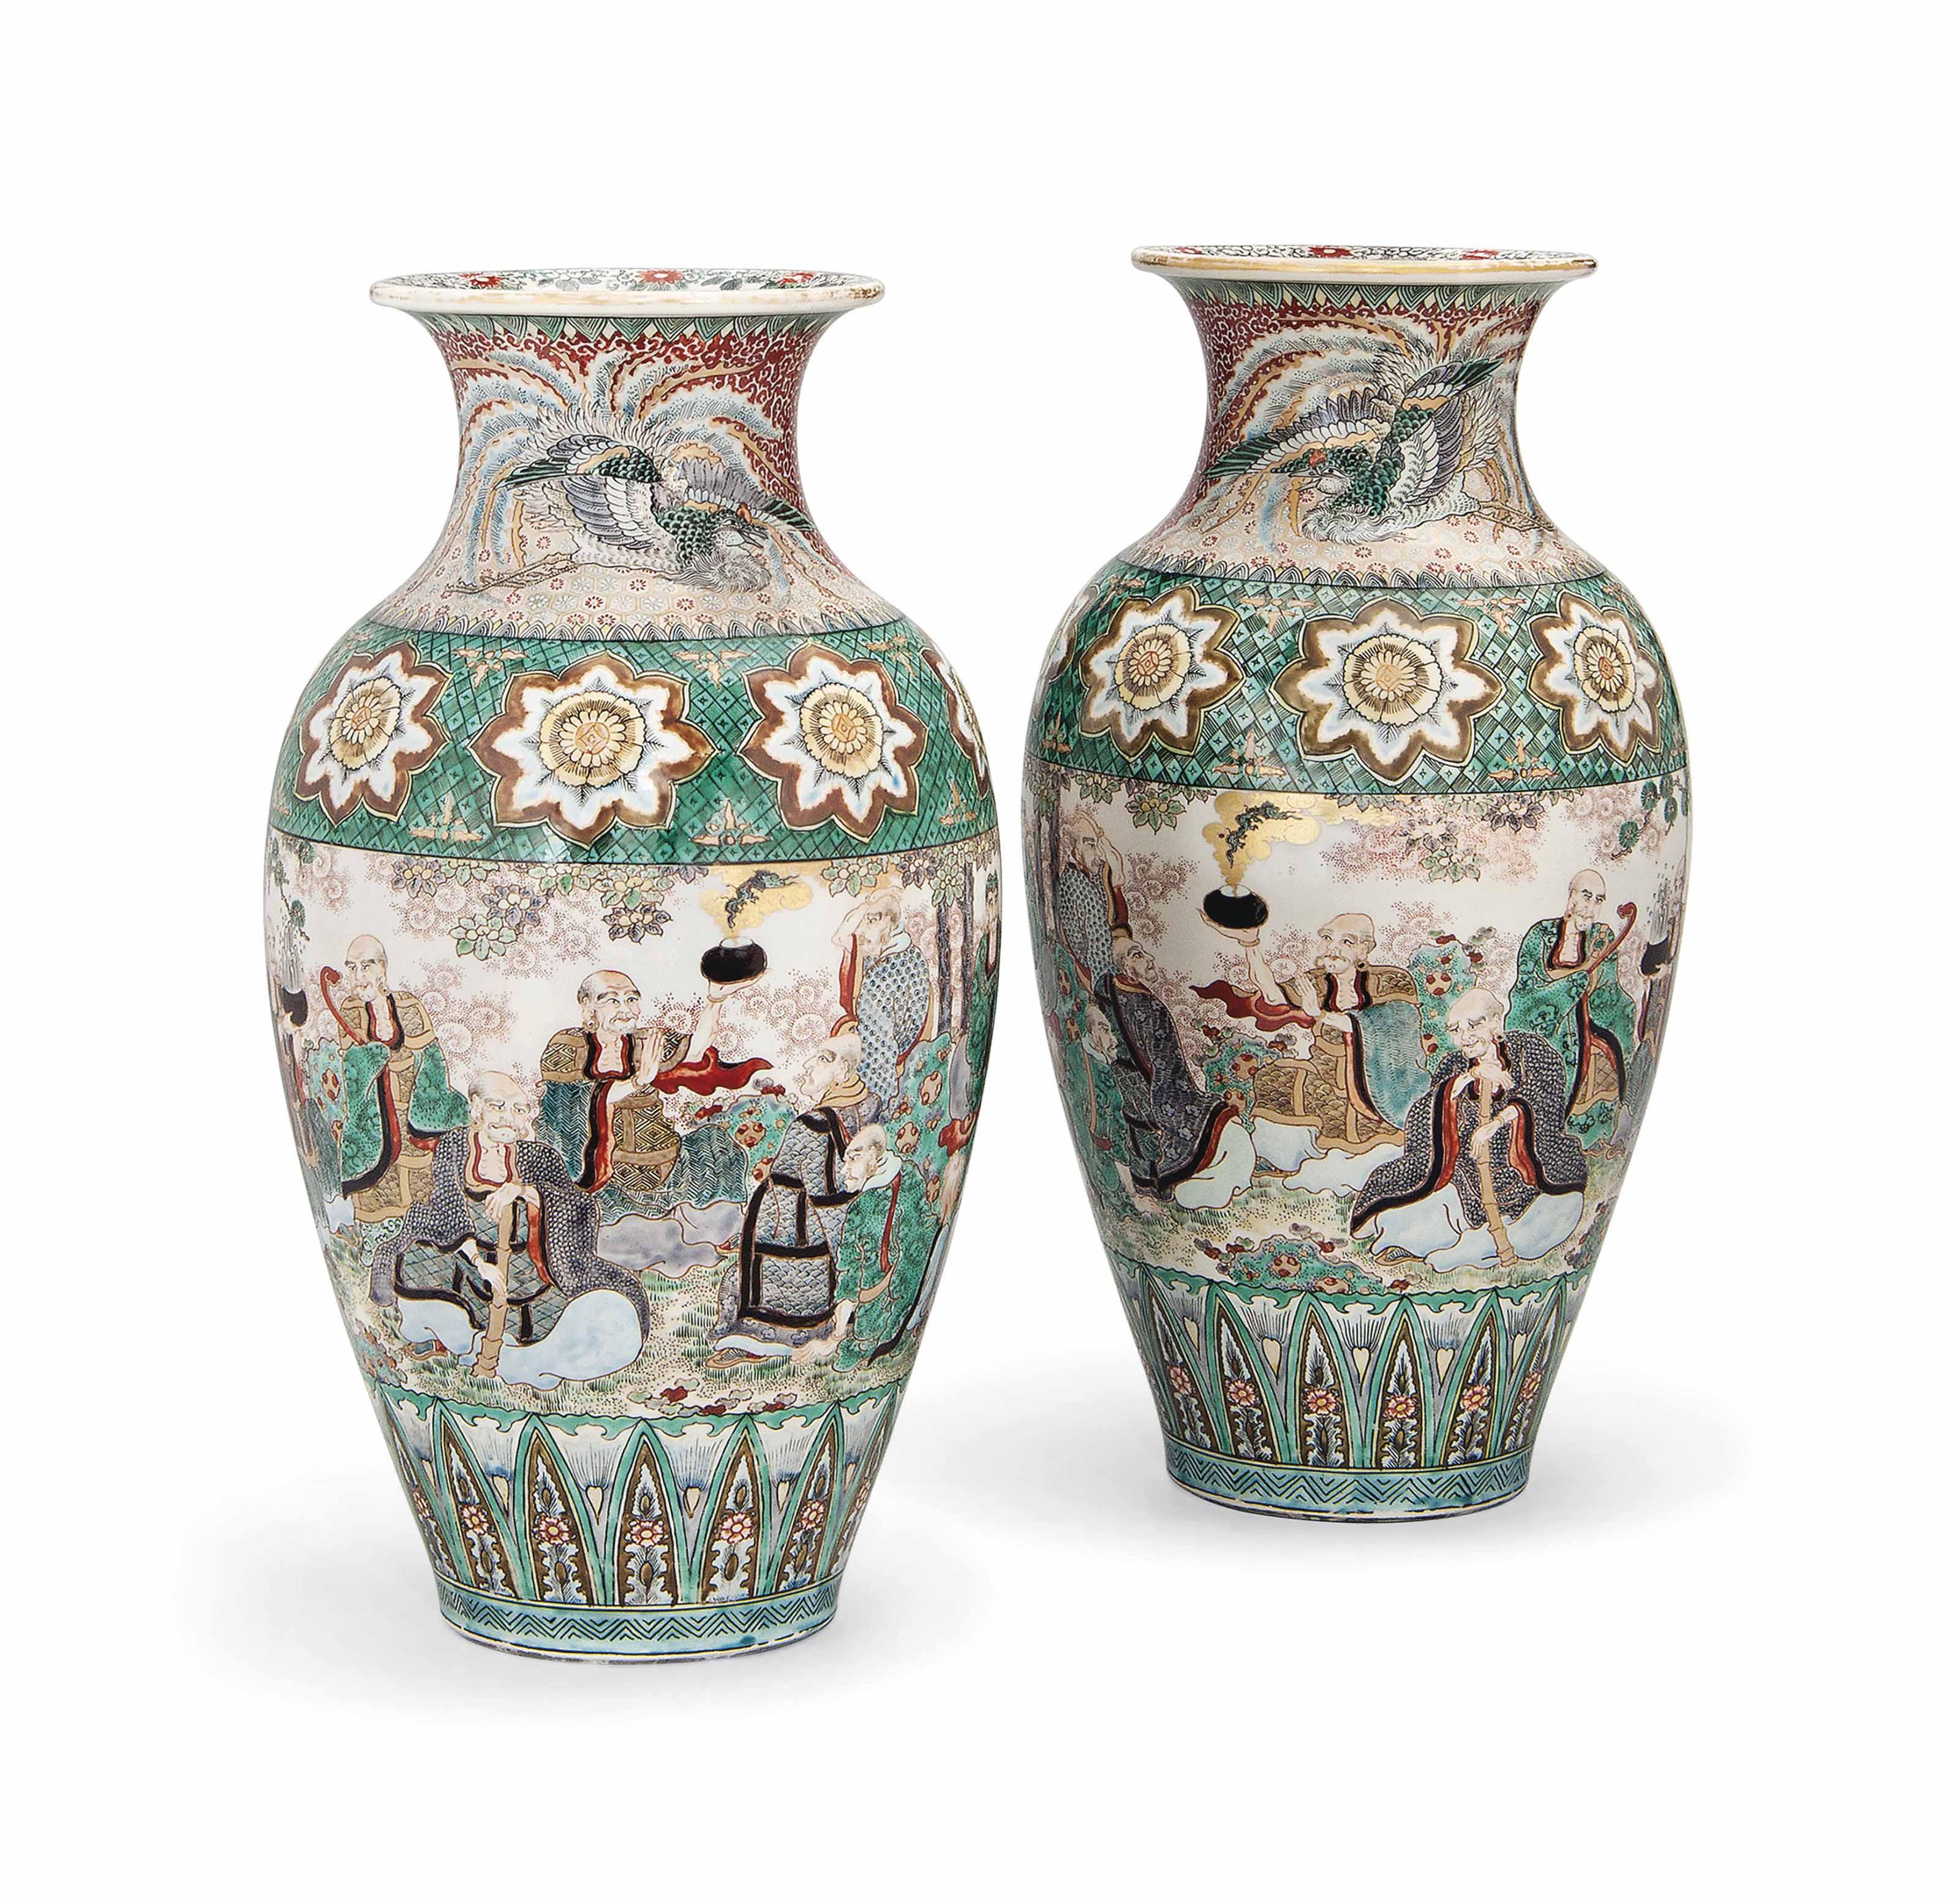 A Pair of Japanese Kutani Vases